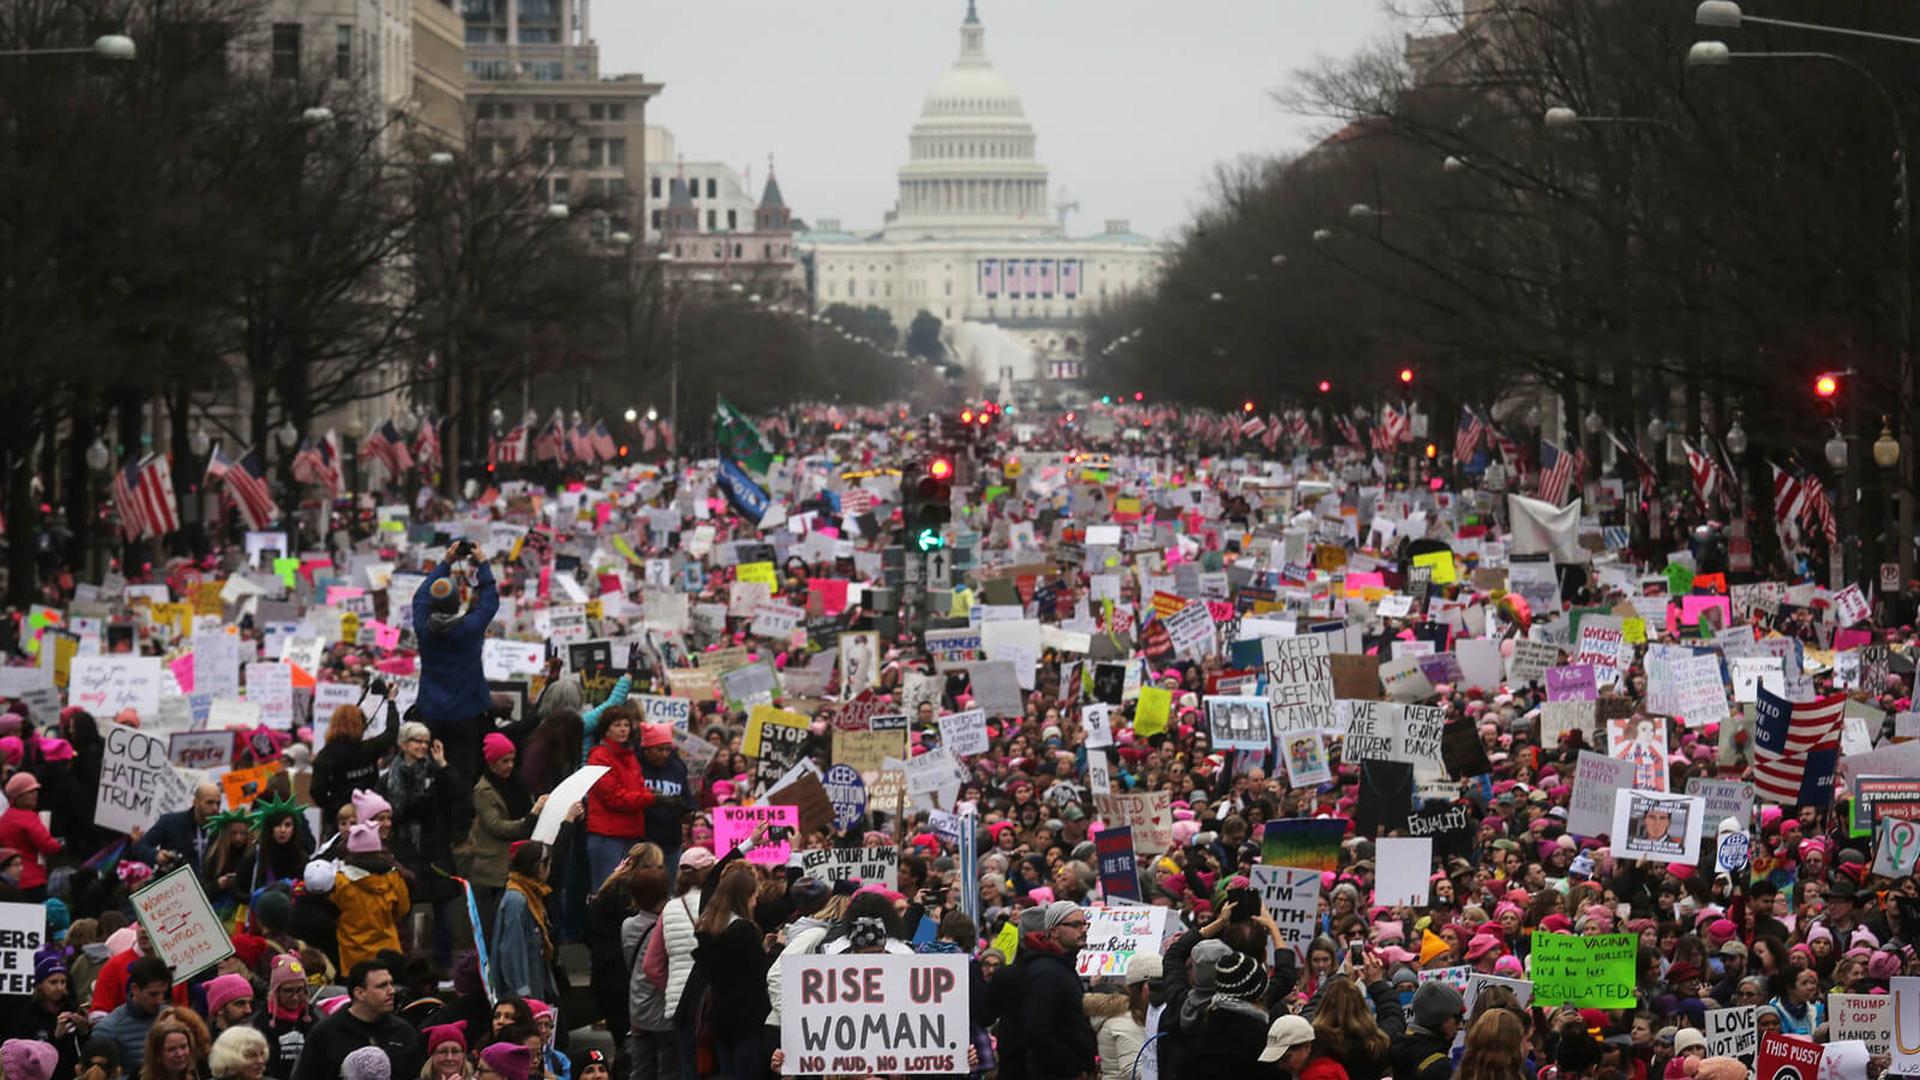 women's march_1513111673376-159532.jpg59443169